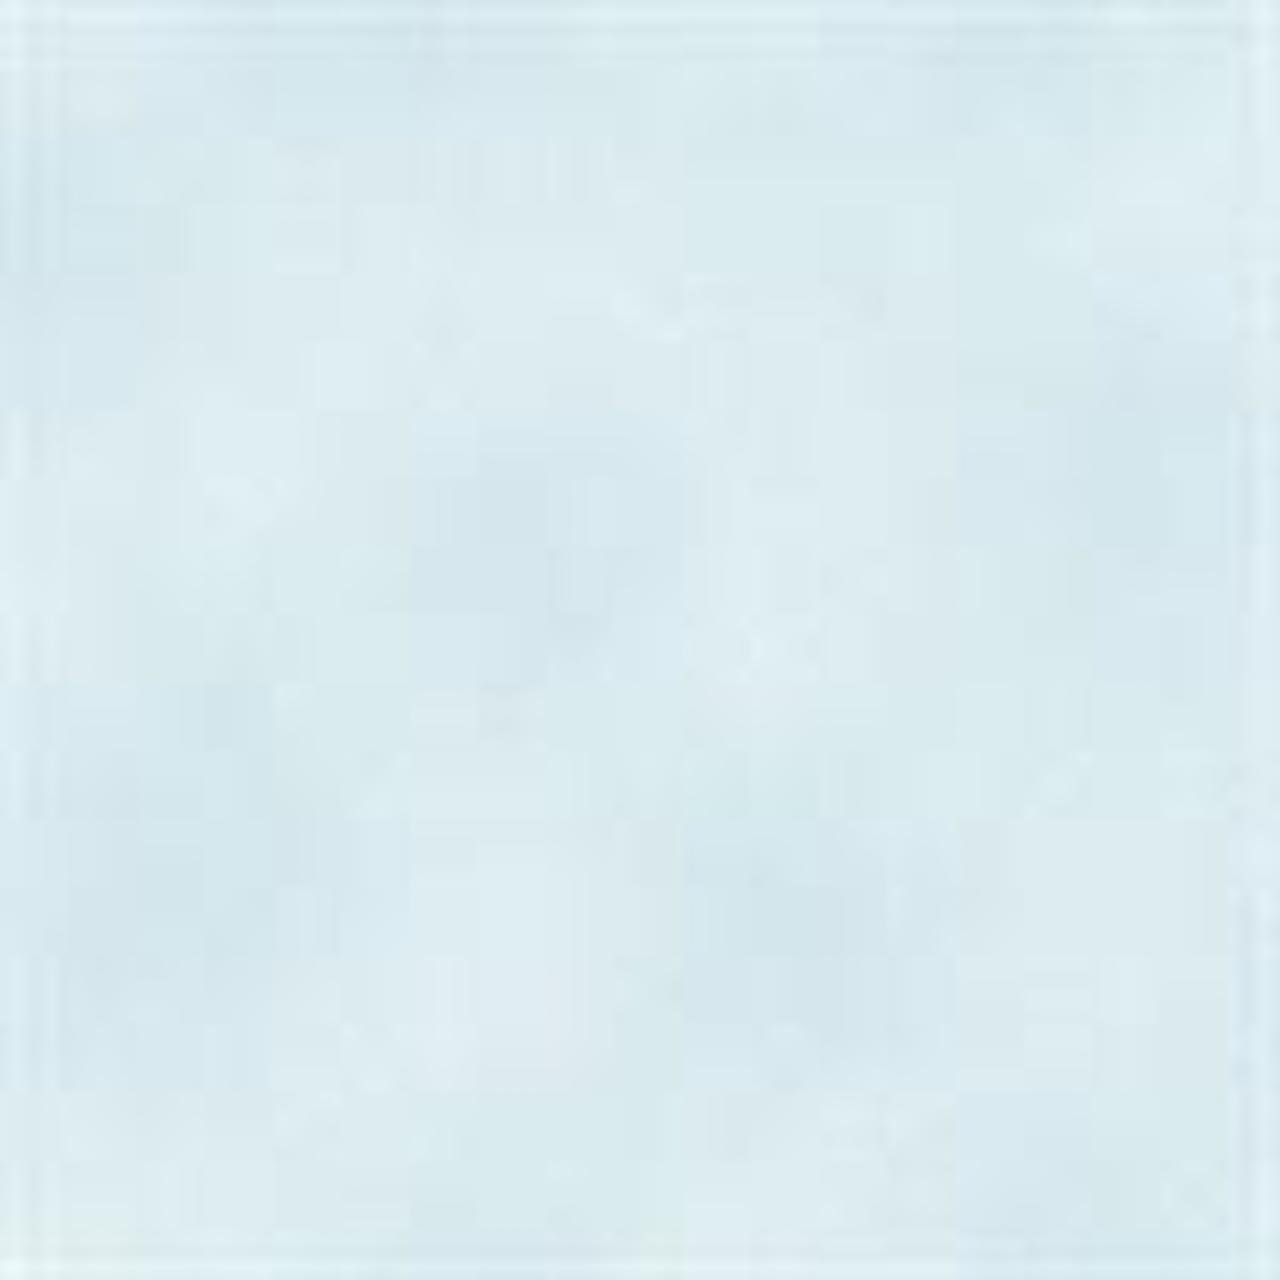 Bolt End Solid light blue 1/4 yd x WOF - copy - copy